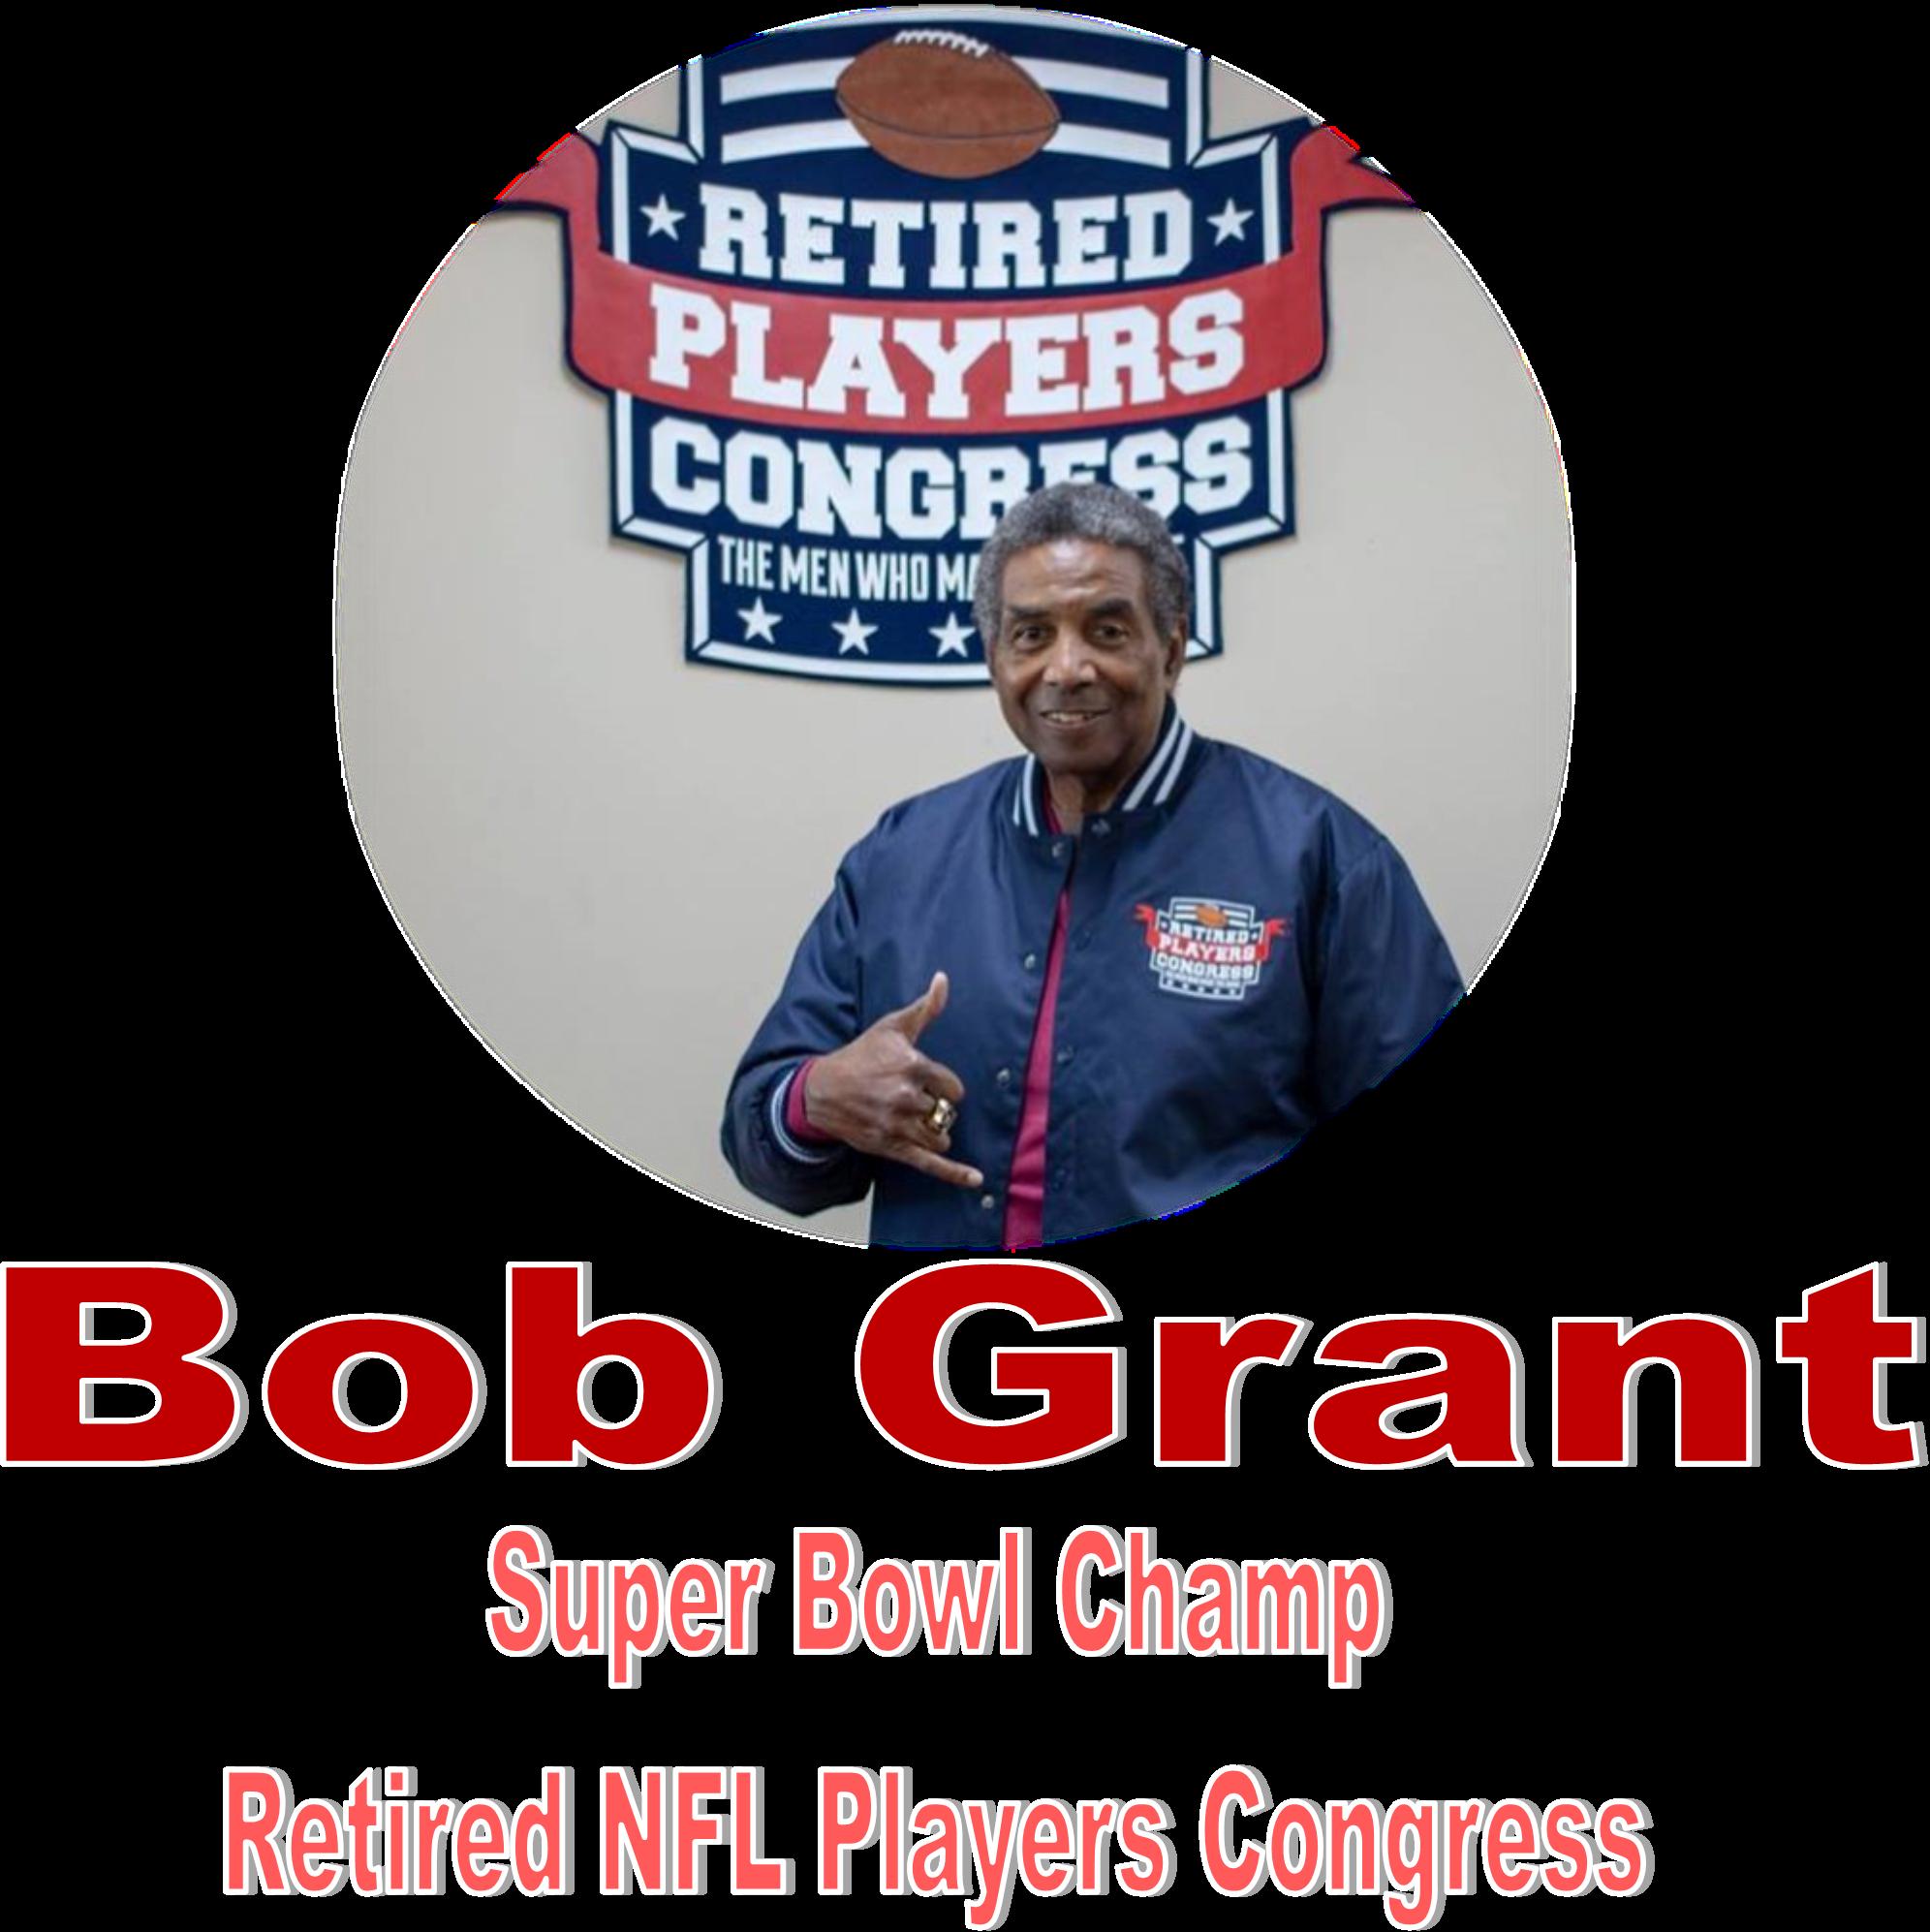 Bob Grant 2020